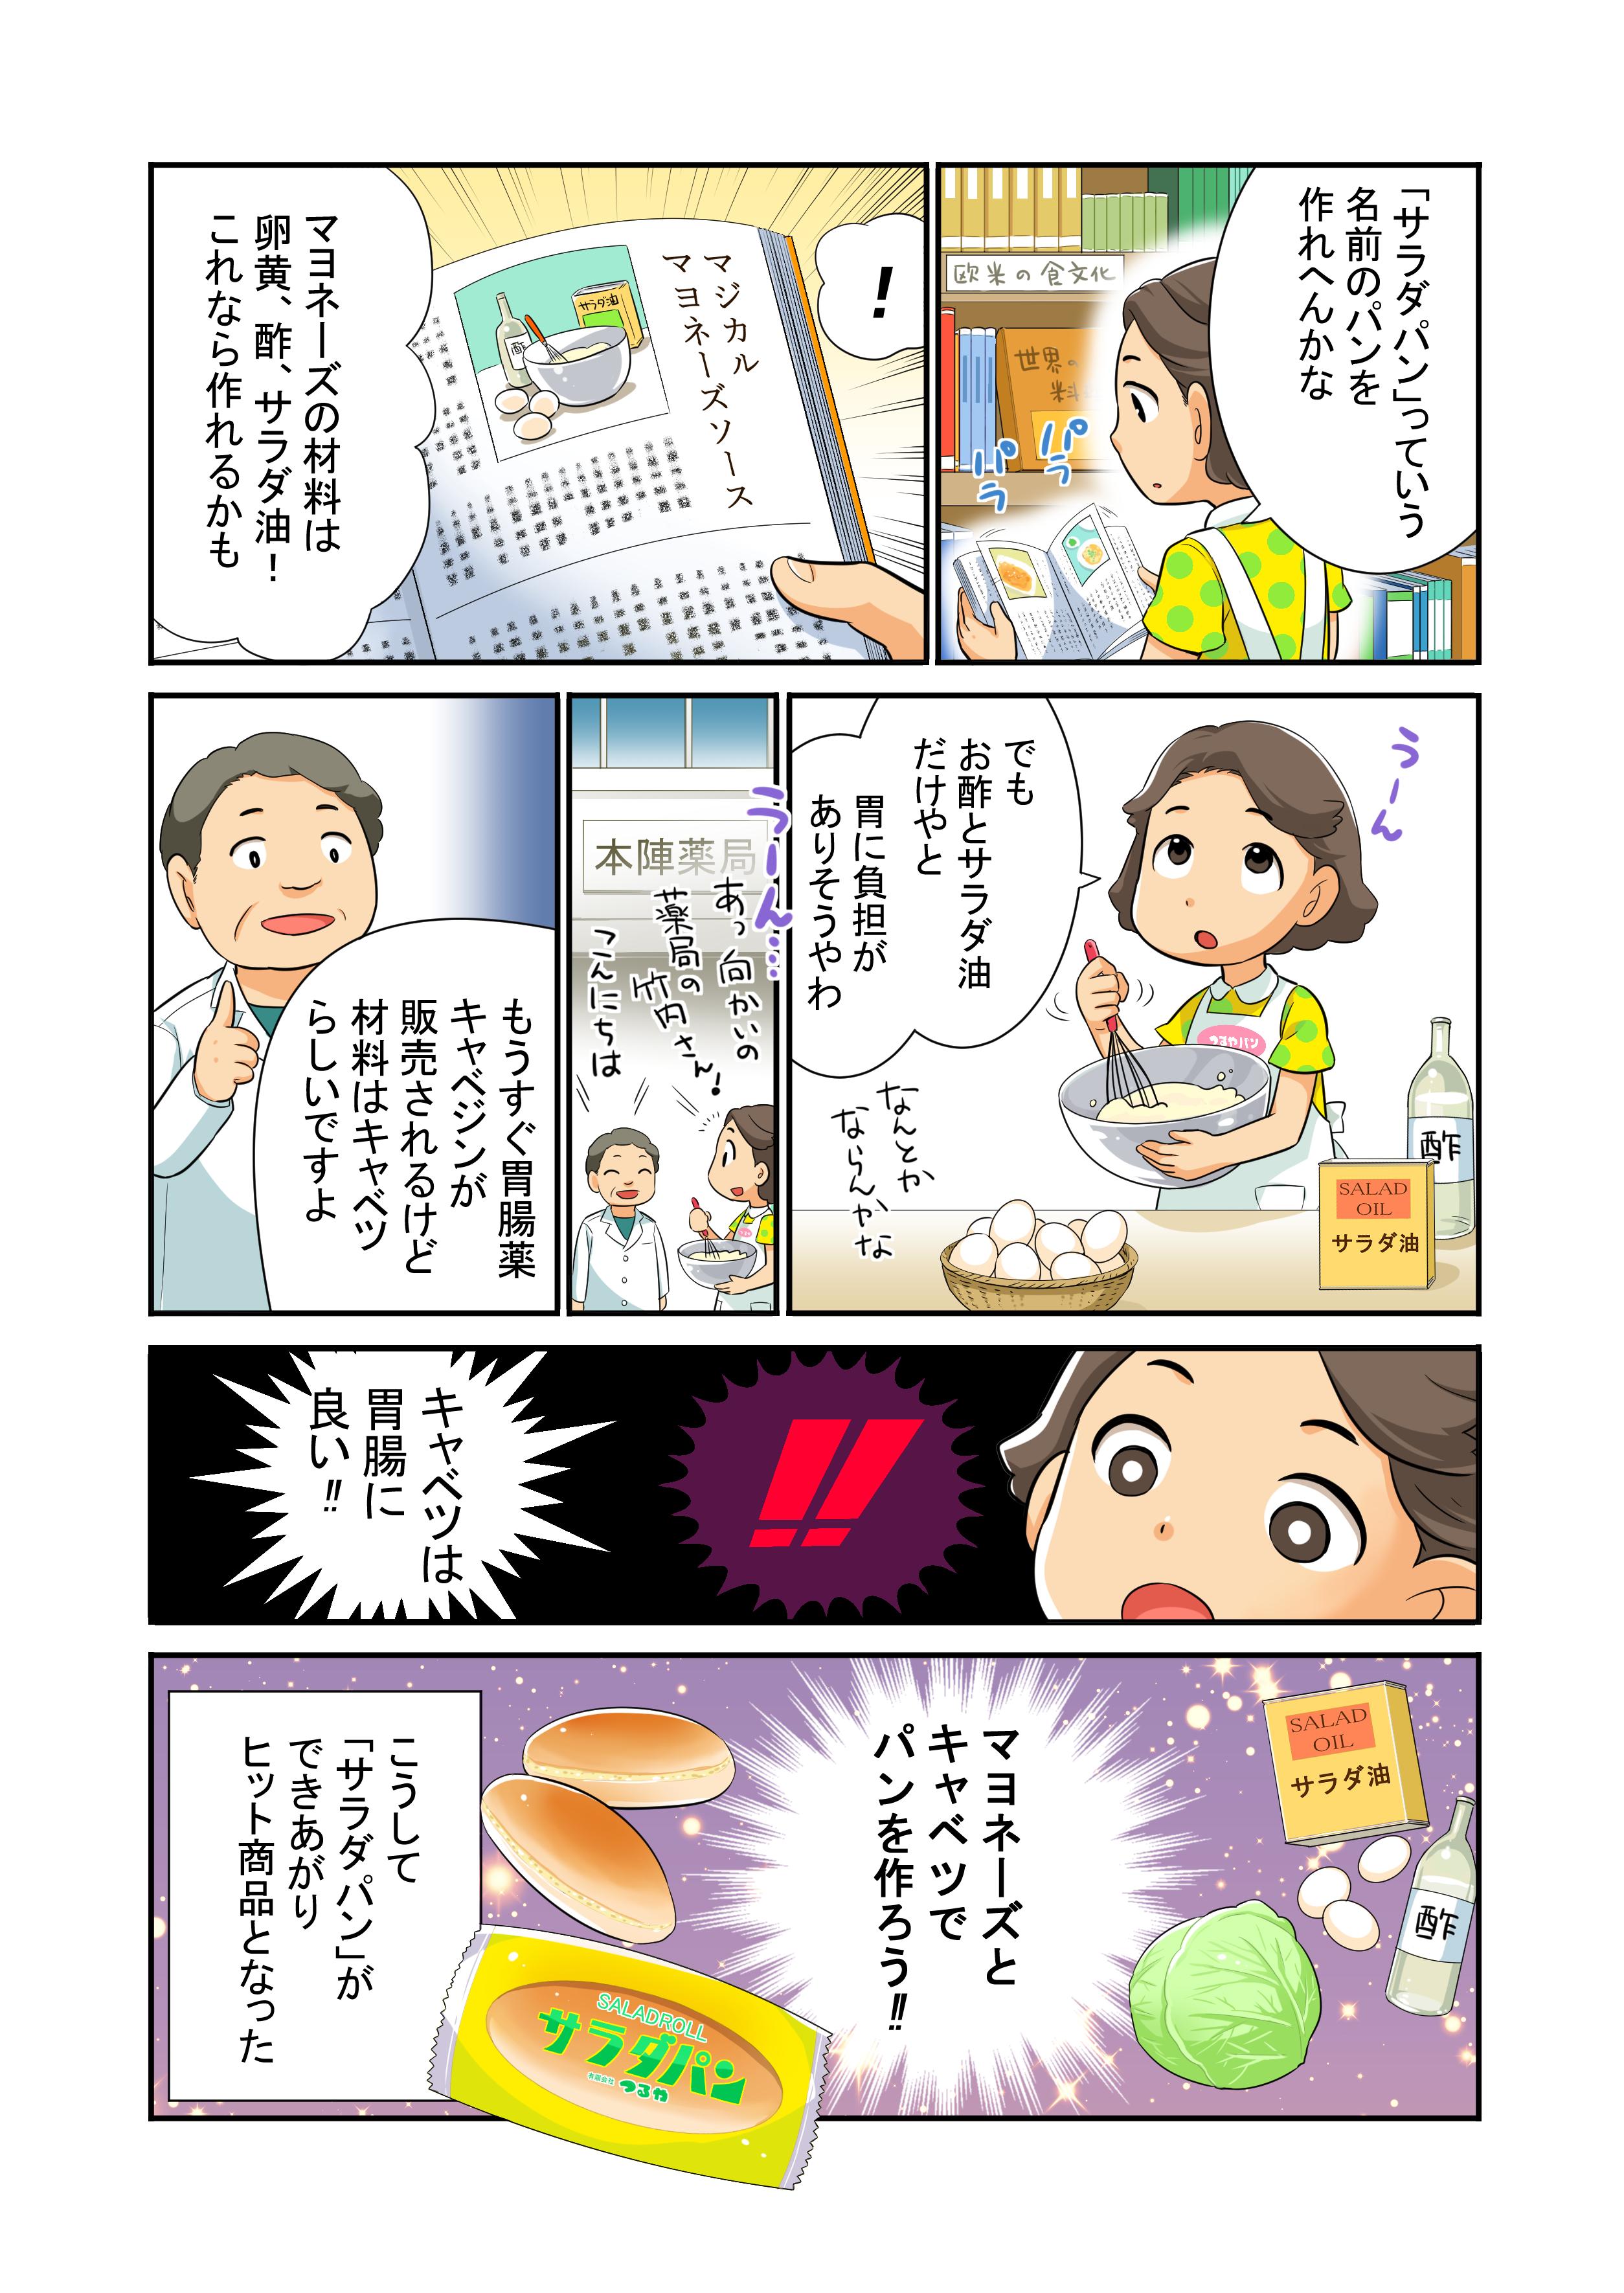 漫画で紹介。つるやパンの歴史7